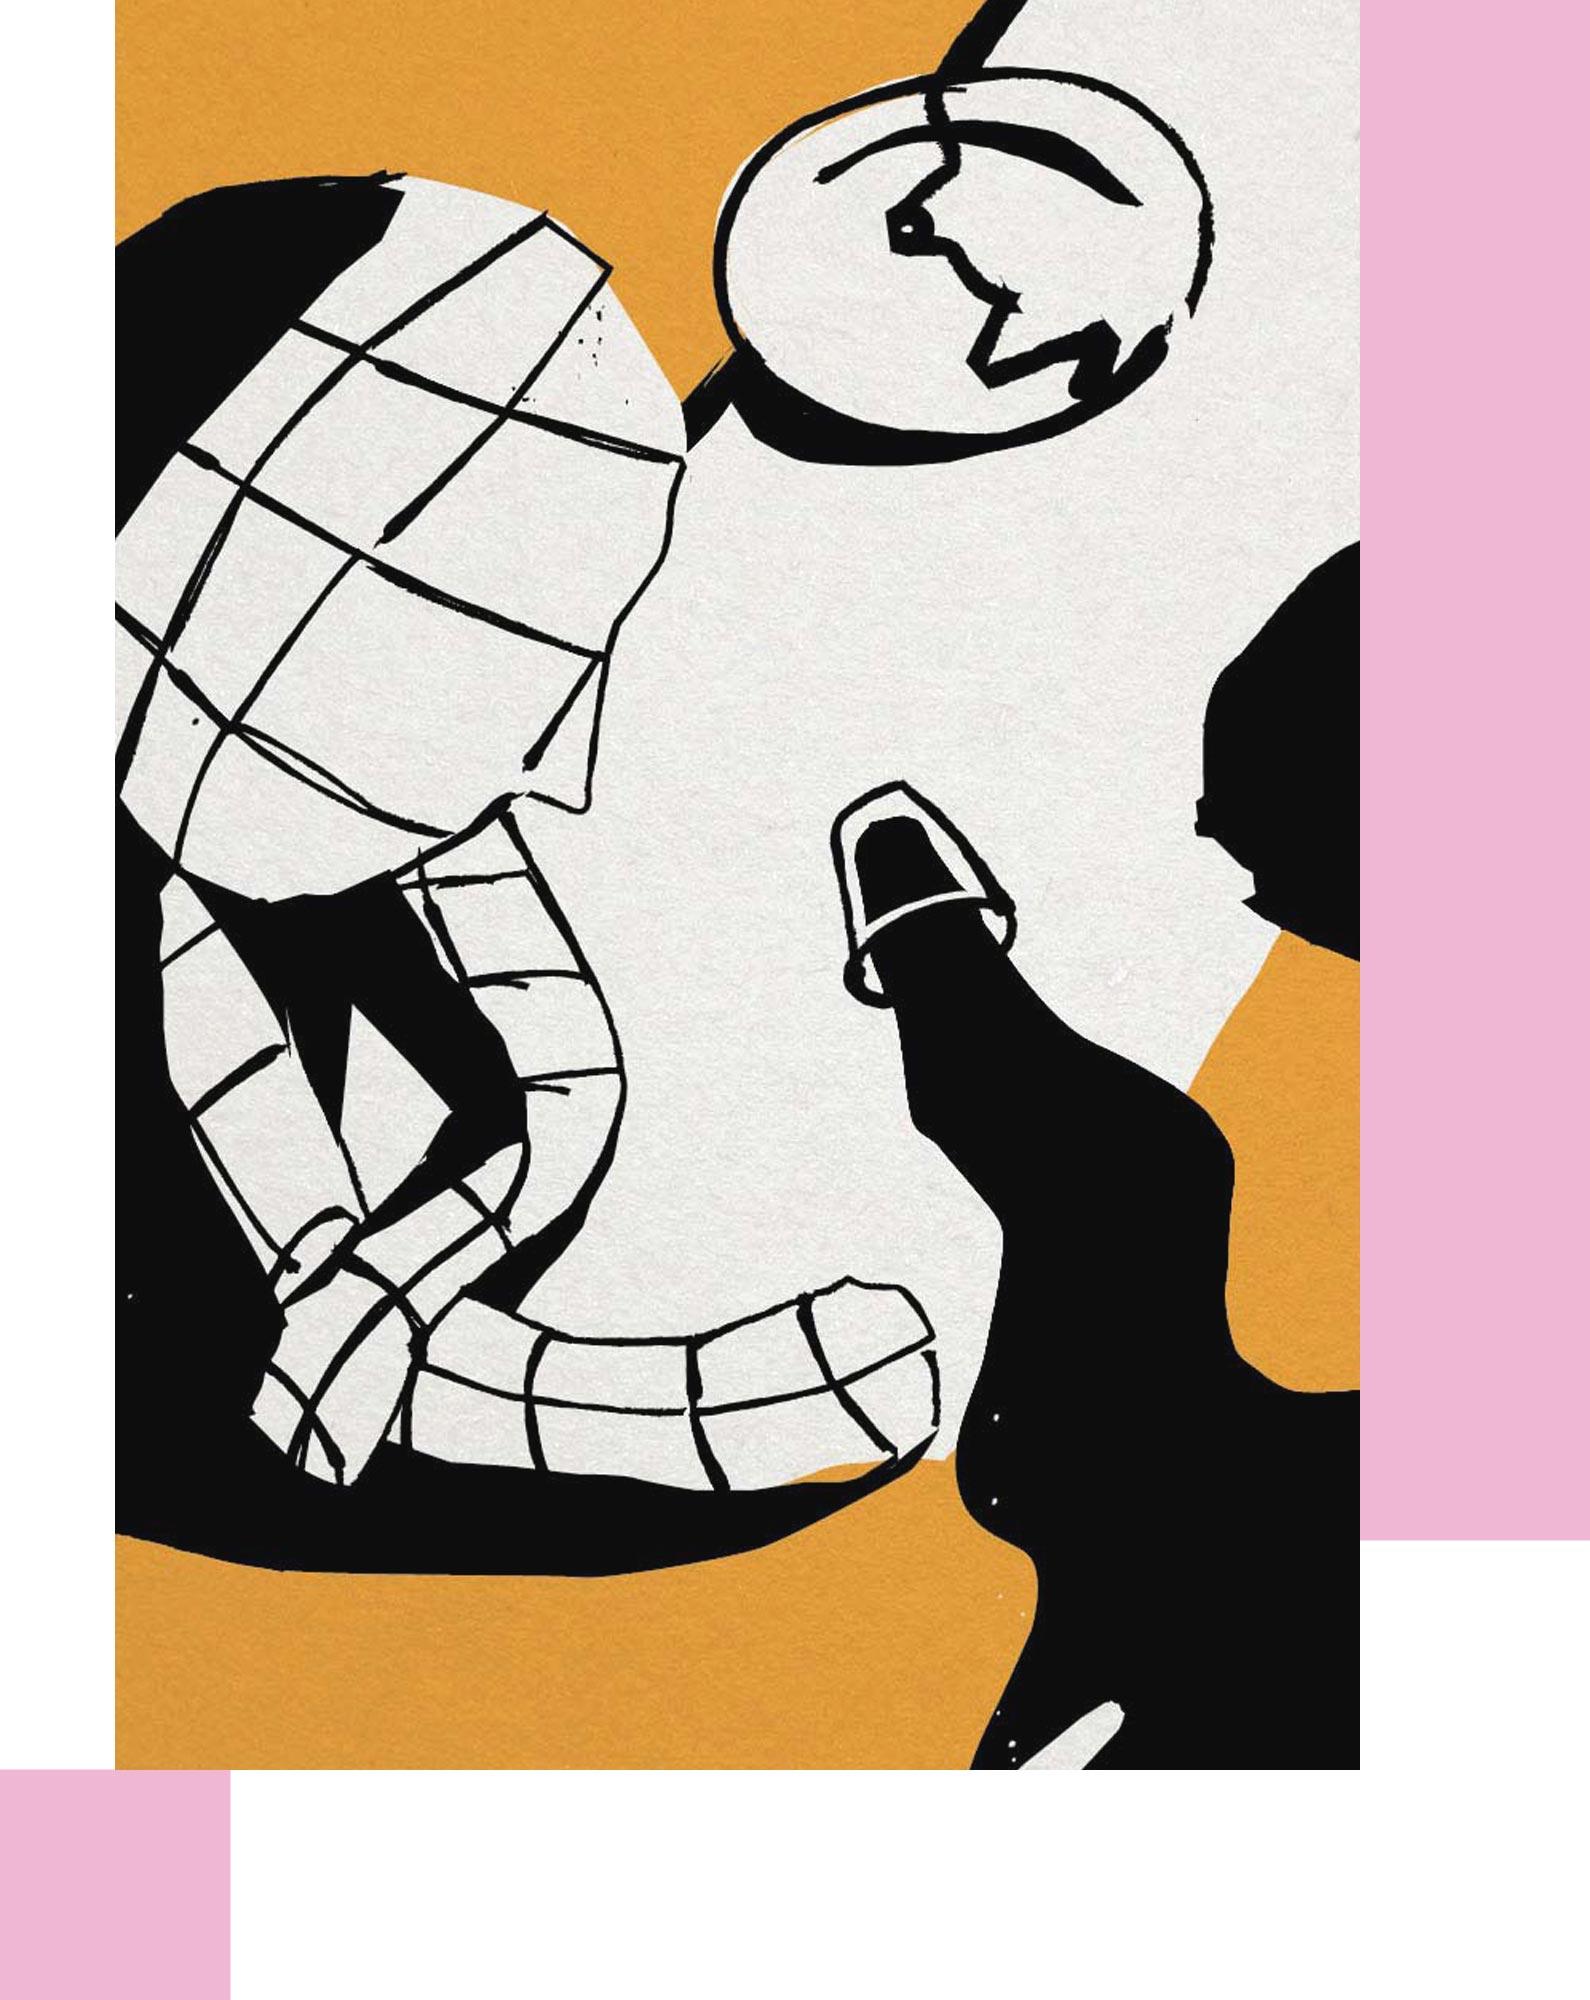 Illustratie uit Vijf draken verslagen, door Kristof Devos